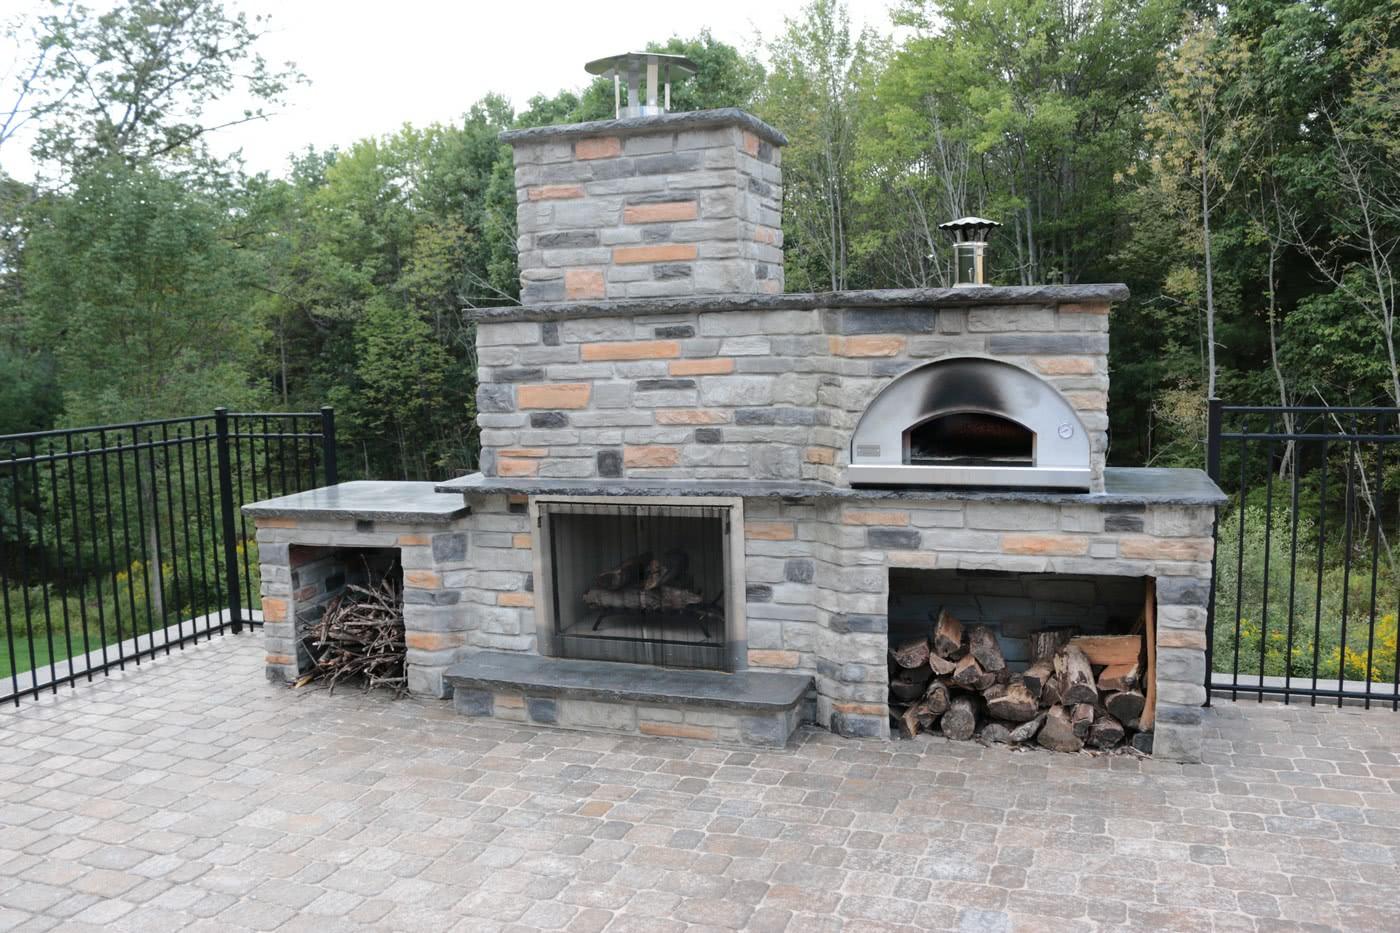 Outdoor Pizza Ovens - Fontana Forni Italian Built Pizza ... on Outdoor Patio With Pizza Oven id=18522